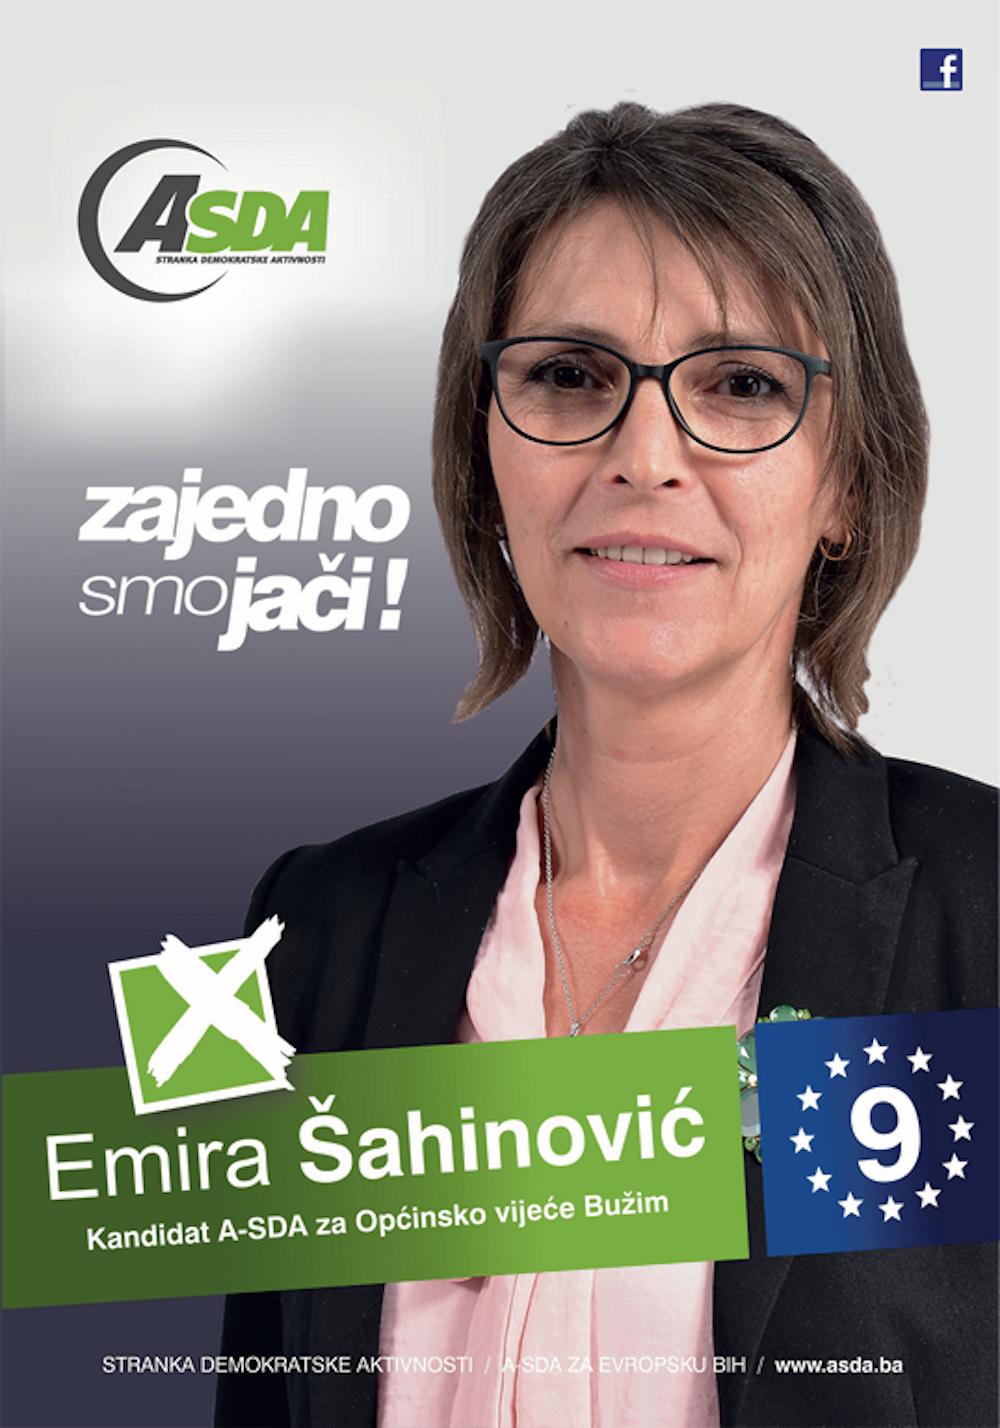 Emira Šahinović